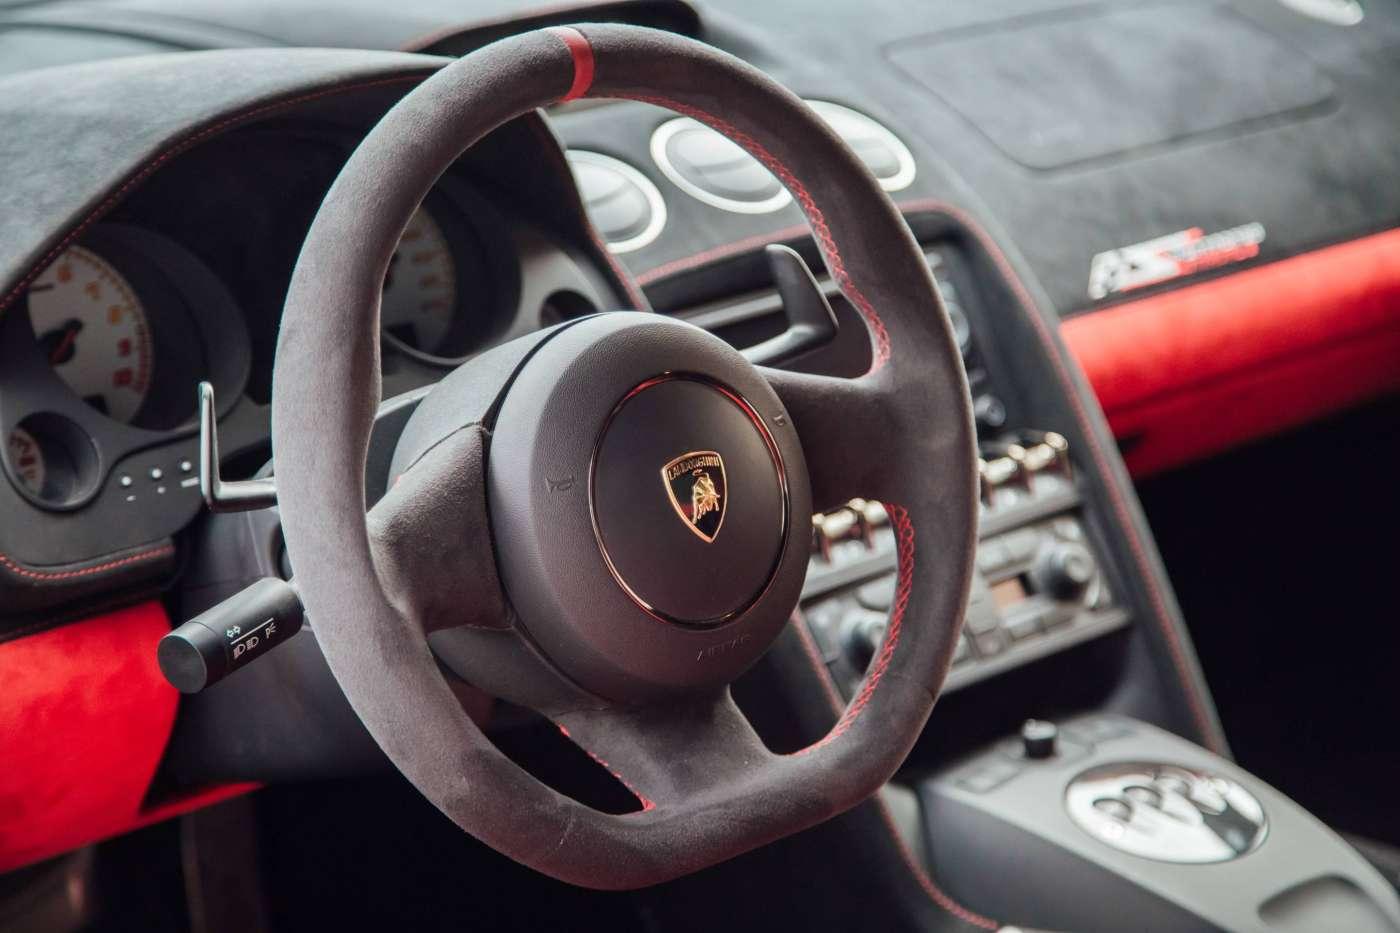 2012款 Gallardo LP 570-4 Super Trofeo Stradale|甄选兰博基尼-北京卡斯基汽车服务有限公司